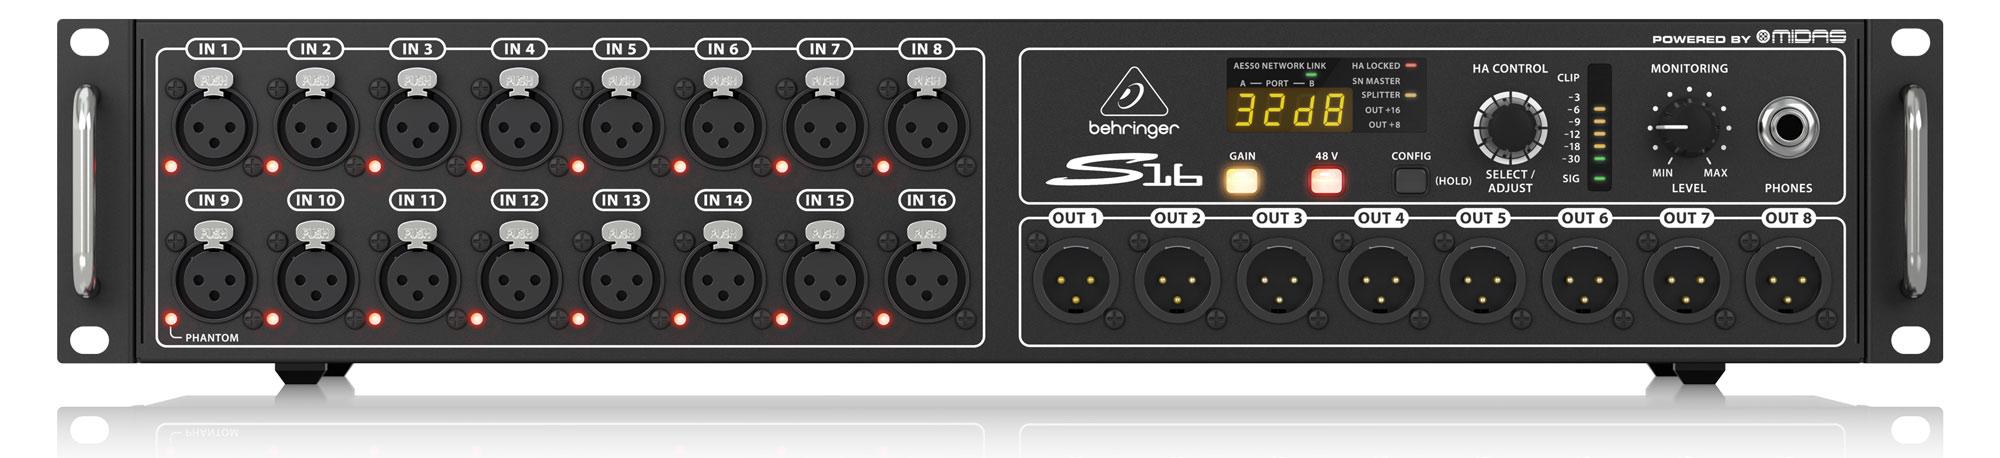 Kabelmulticores - Behringer S16 Digitale Stagebox - Onlineshop Musikhaus Kirstein